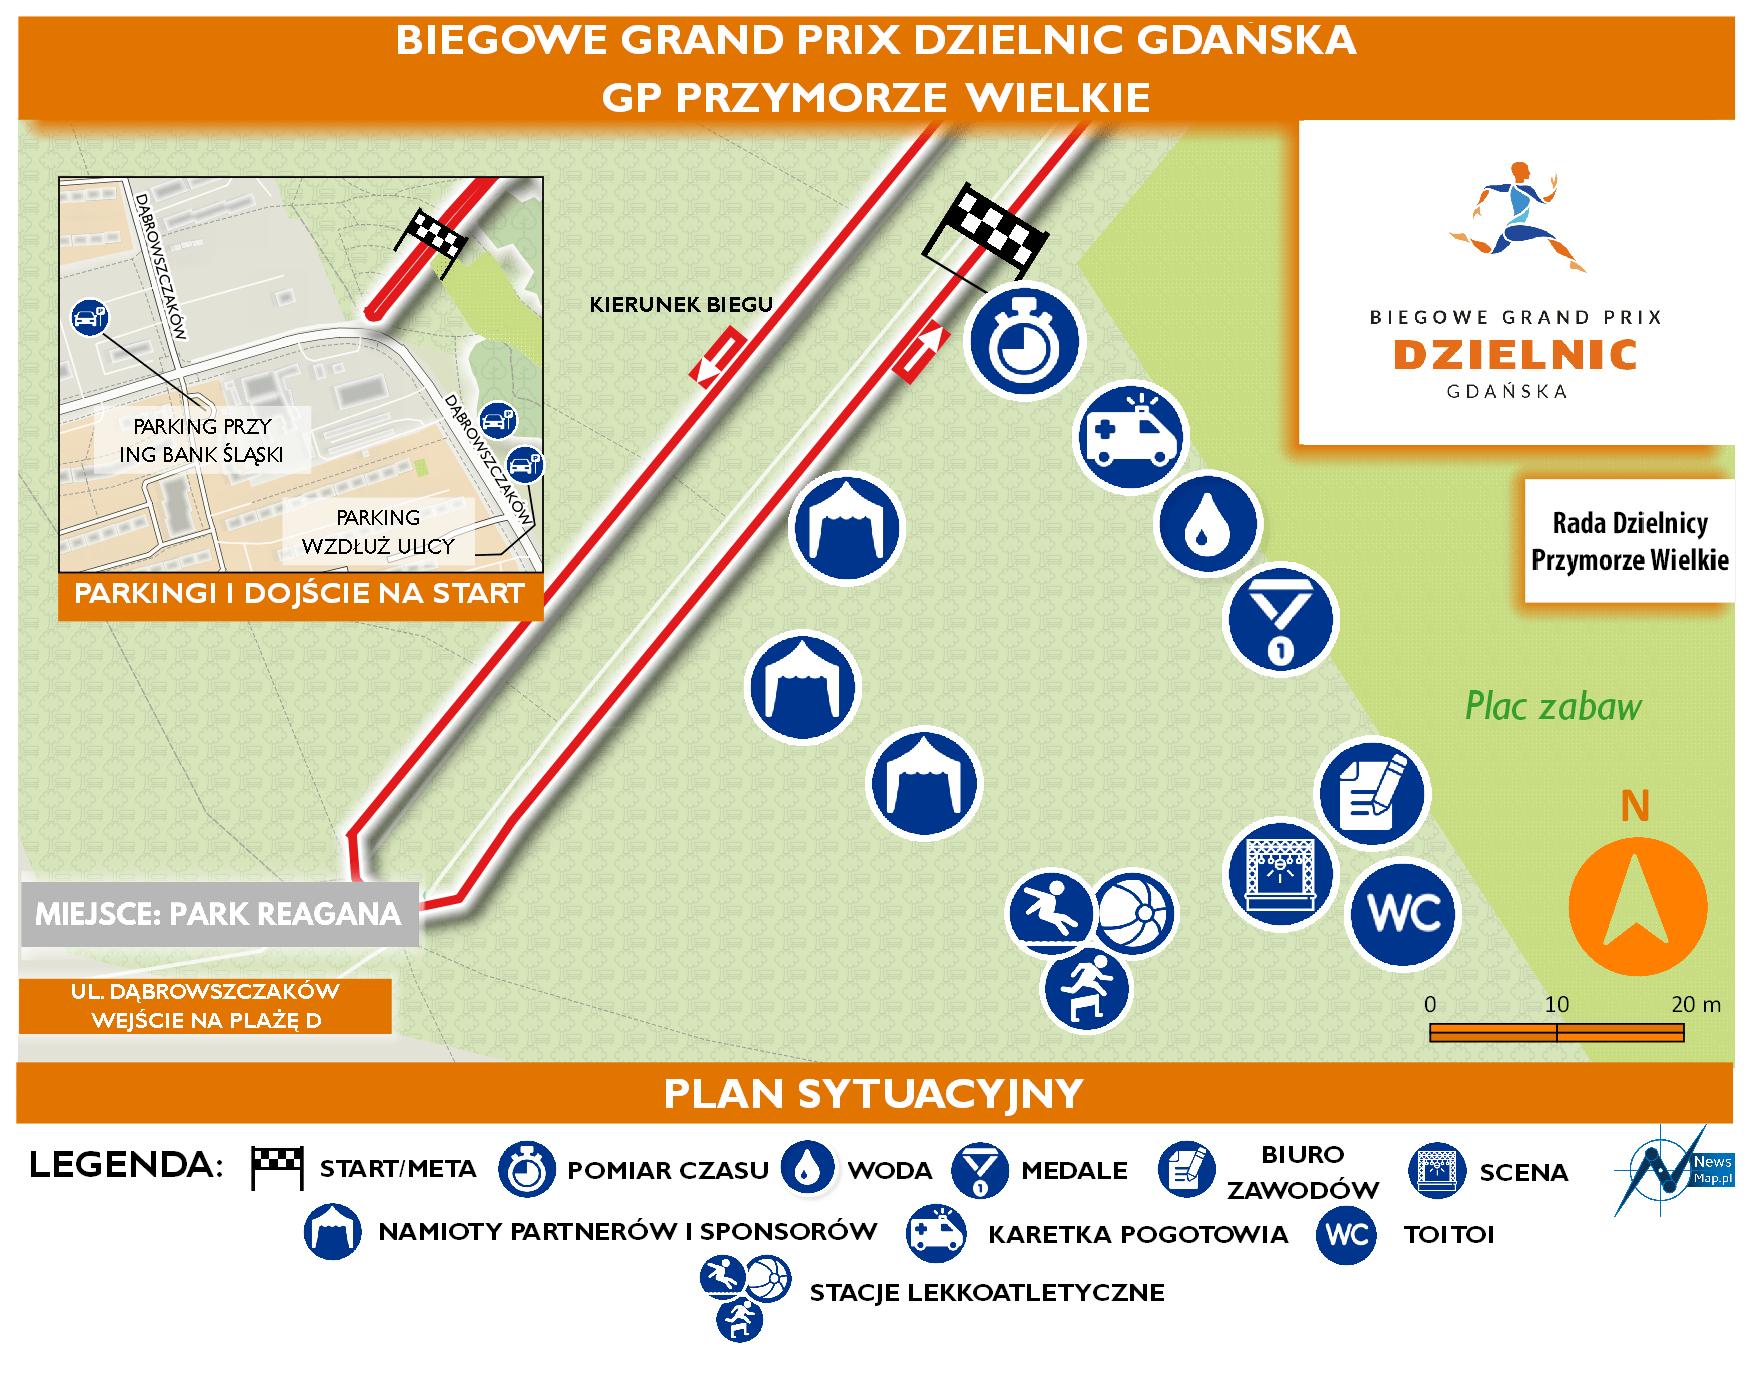 Mapa statyczna GP Przymorze Wielkie - plan sytuacyjny (on-line)